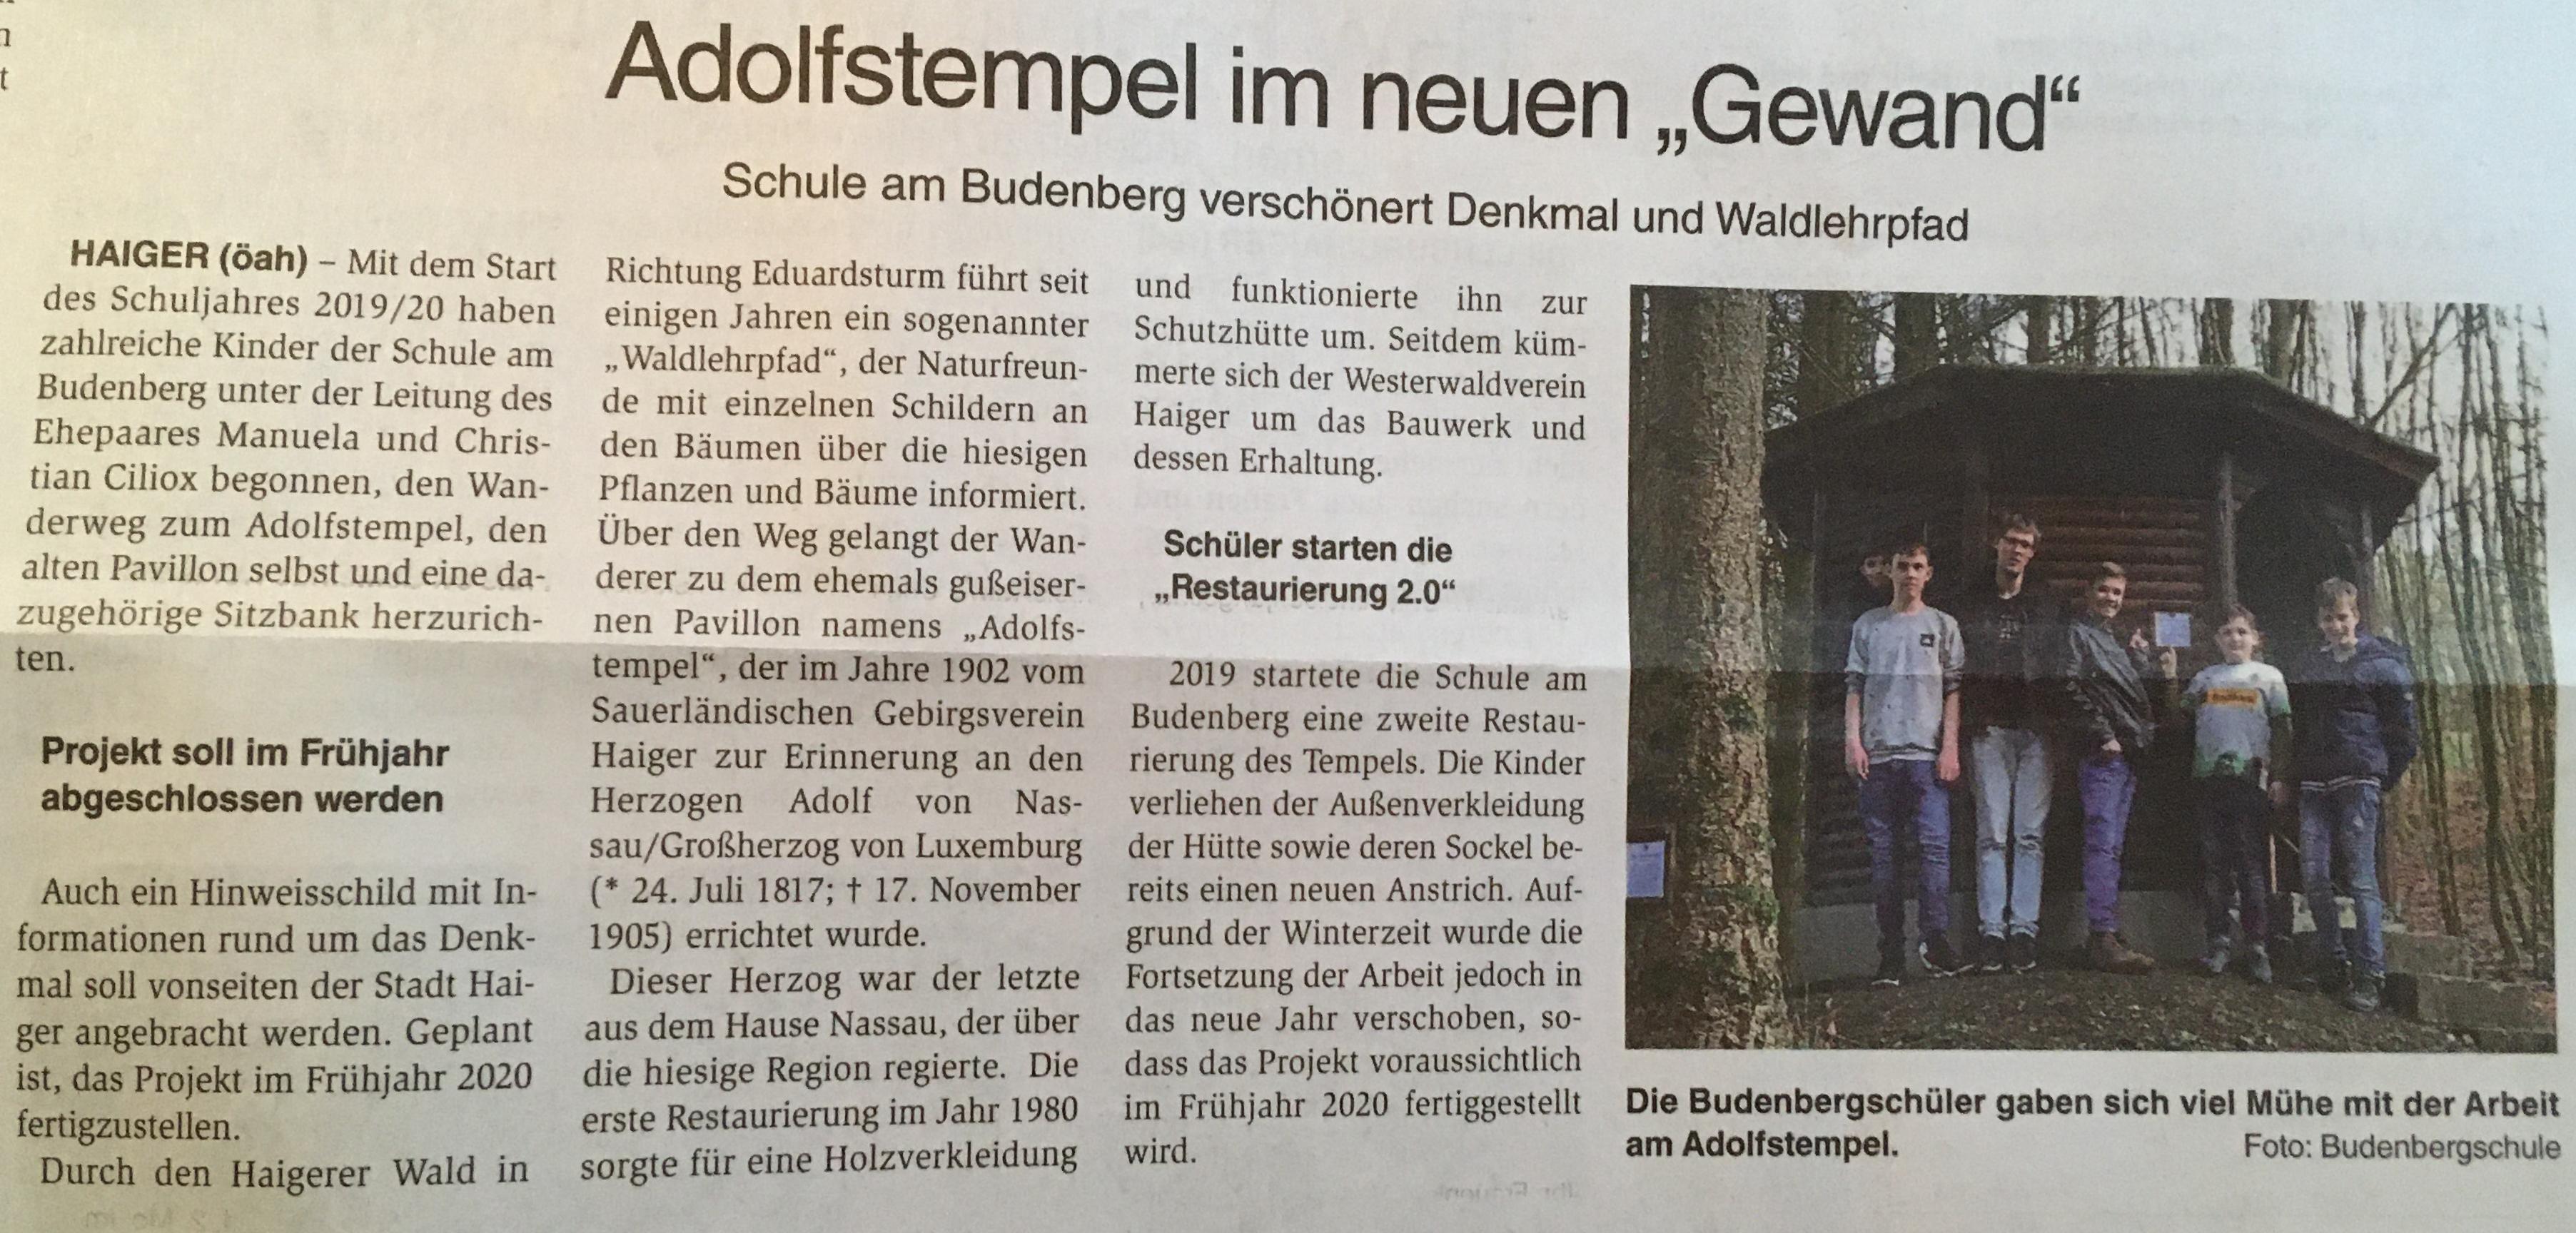 Schülerinnen und Schüler der Budenbergschule verschönern das Denkmal und den Waldlehrpfad.